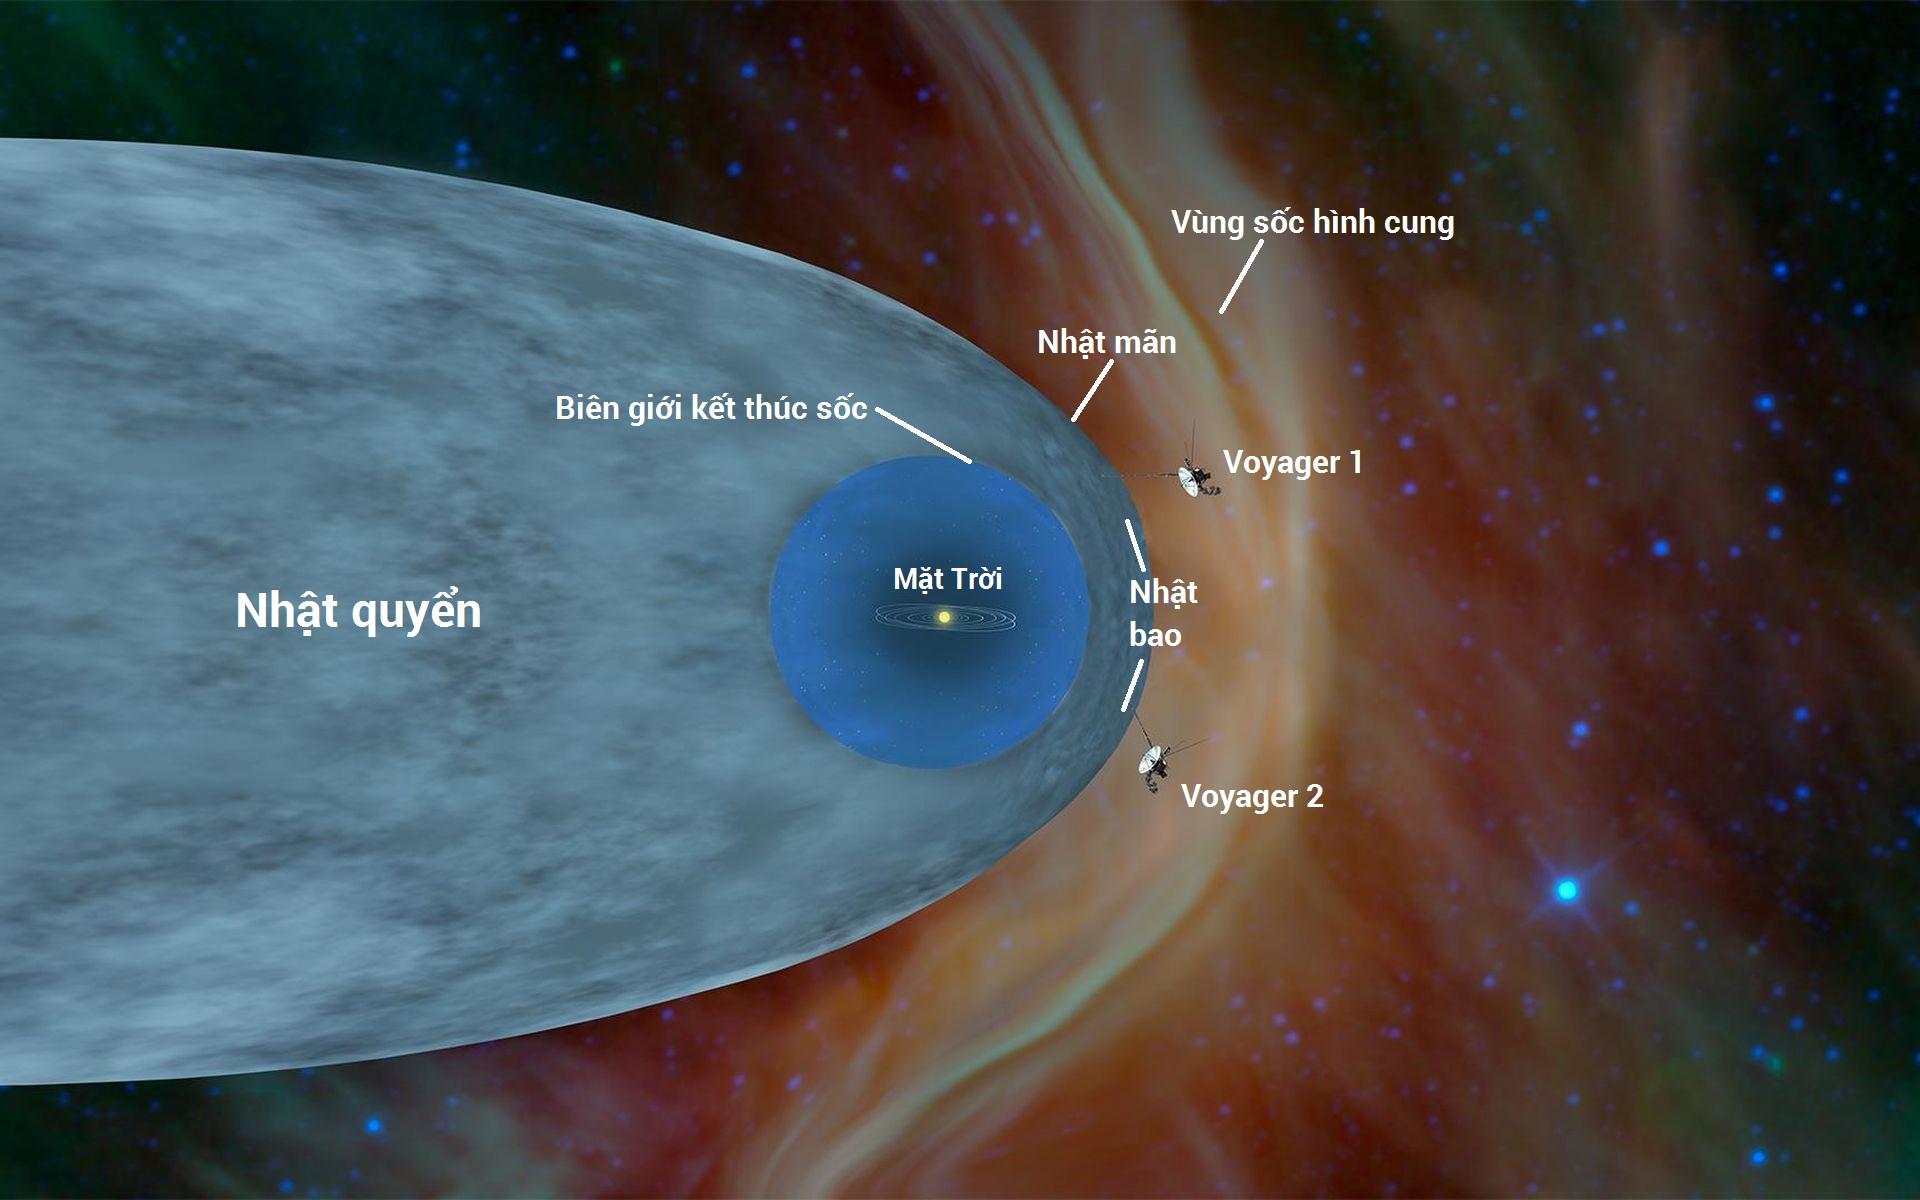 Minh họa vị trí tương đối của hai tàu Voyager 1 and Voyager 2 so với nhật quyển, hay là bong bóng hạt và từ trường tạo ra bởi Mặt trời. Cả hai tàu Voyager đều giờ ở ngoài nhật quyển, ở một khu vực gọi là không gian liên sao, hay không gian giữa các ngôi sao. Nguồn: NASA/JPL-Caltech.